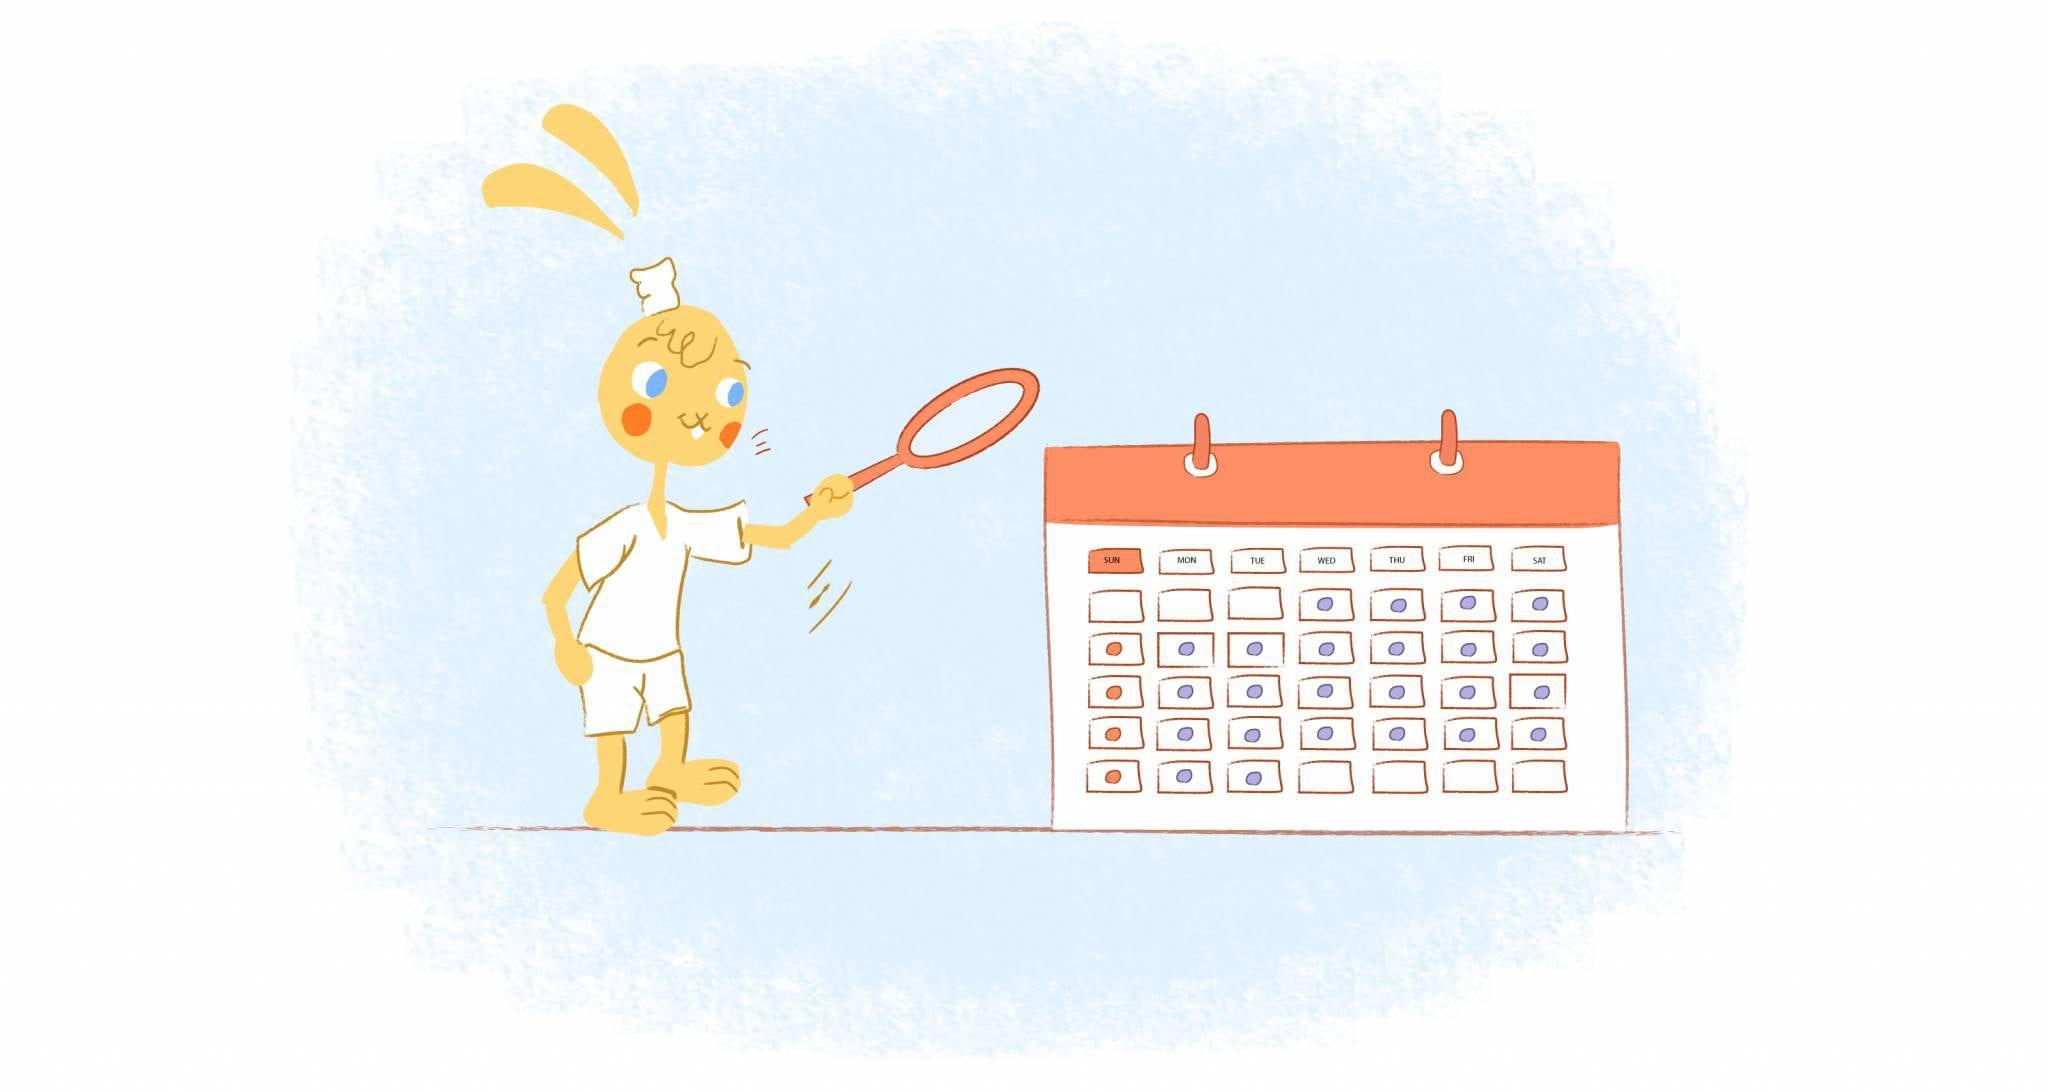 ceo calendar tips